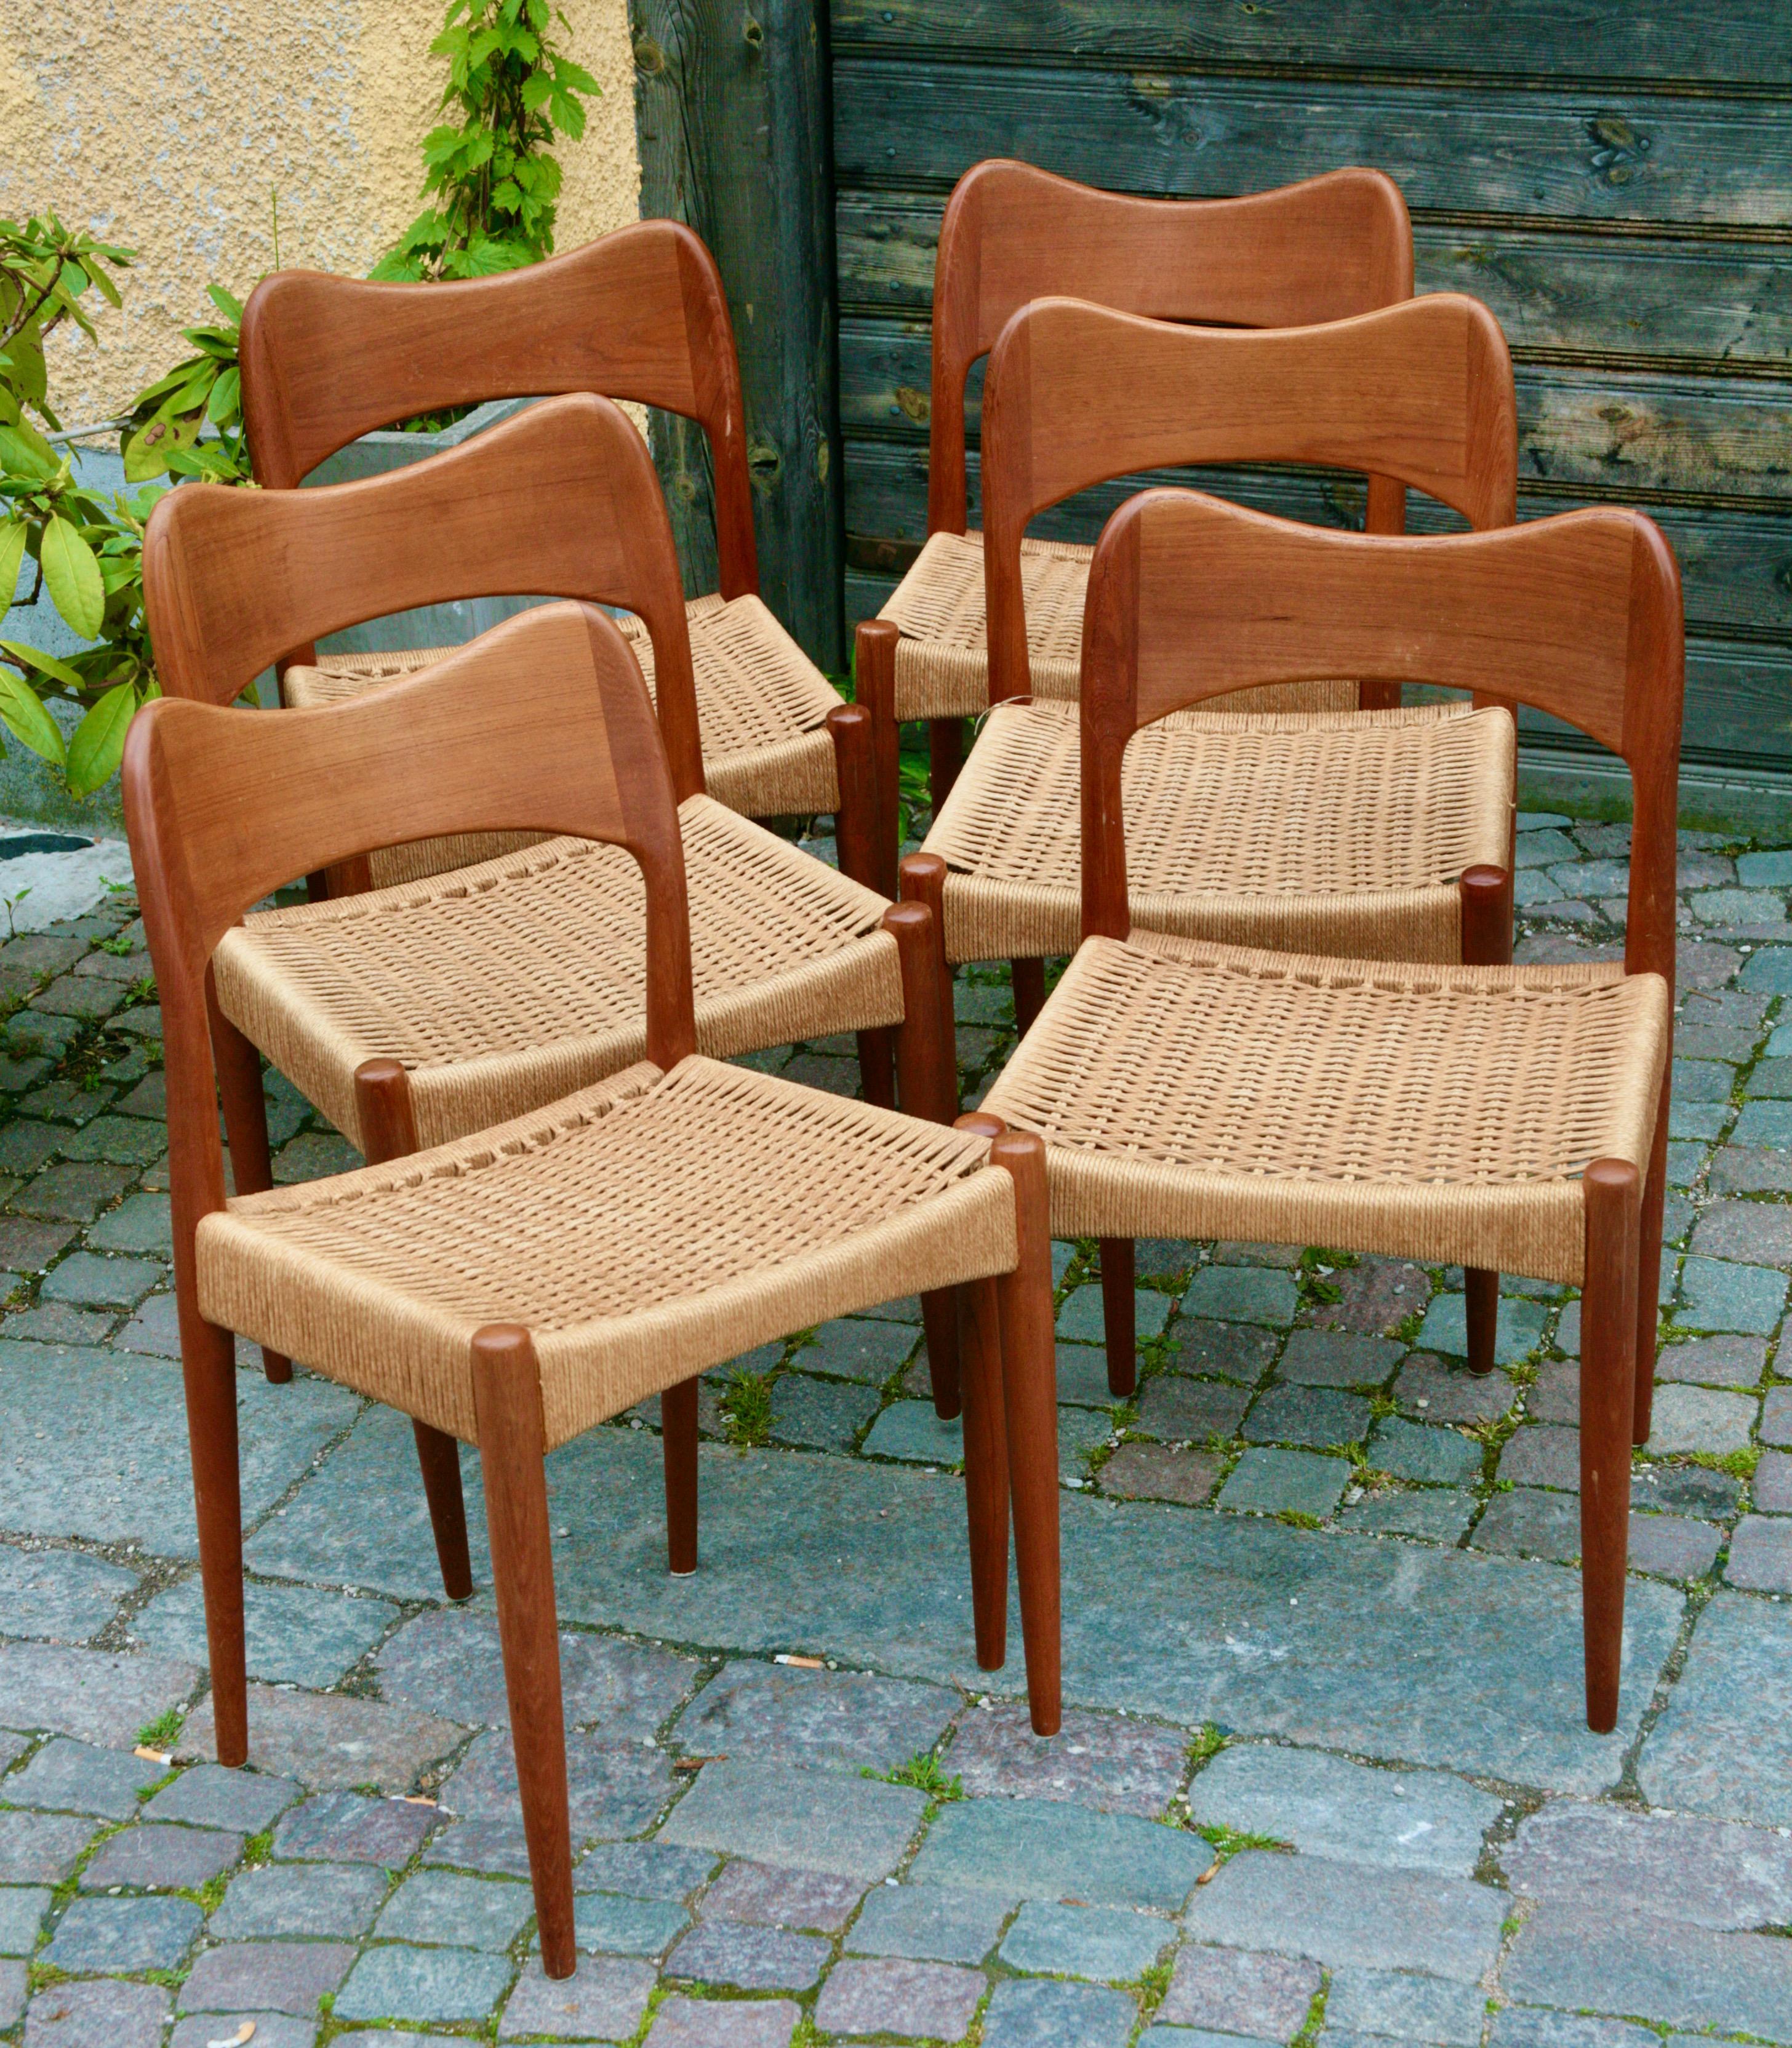 Arne Hovmand Olsen - Set of 6 dining chairs